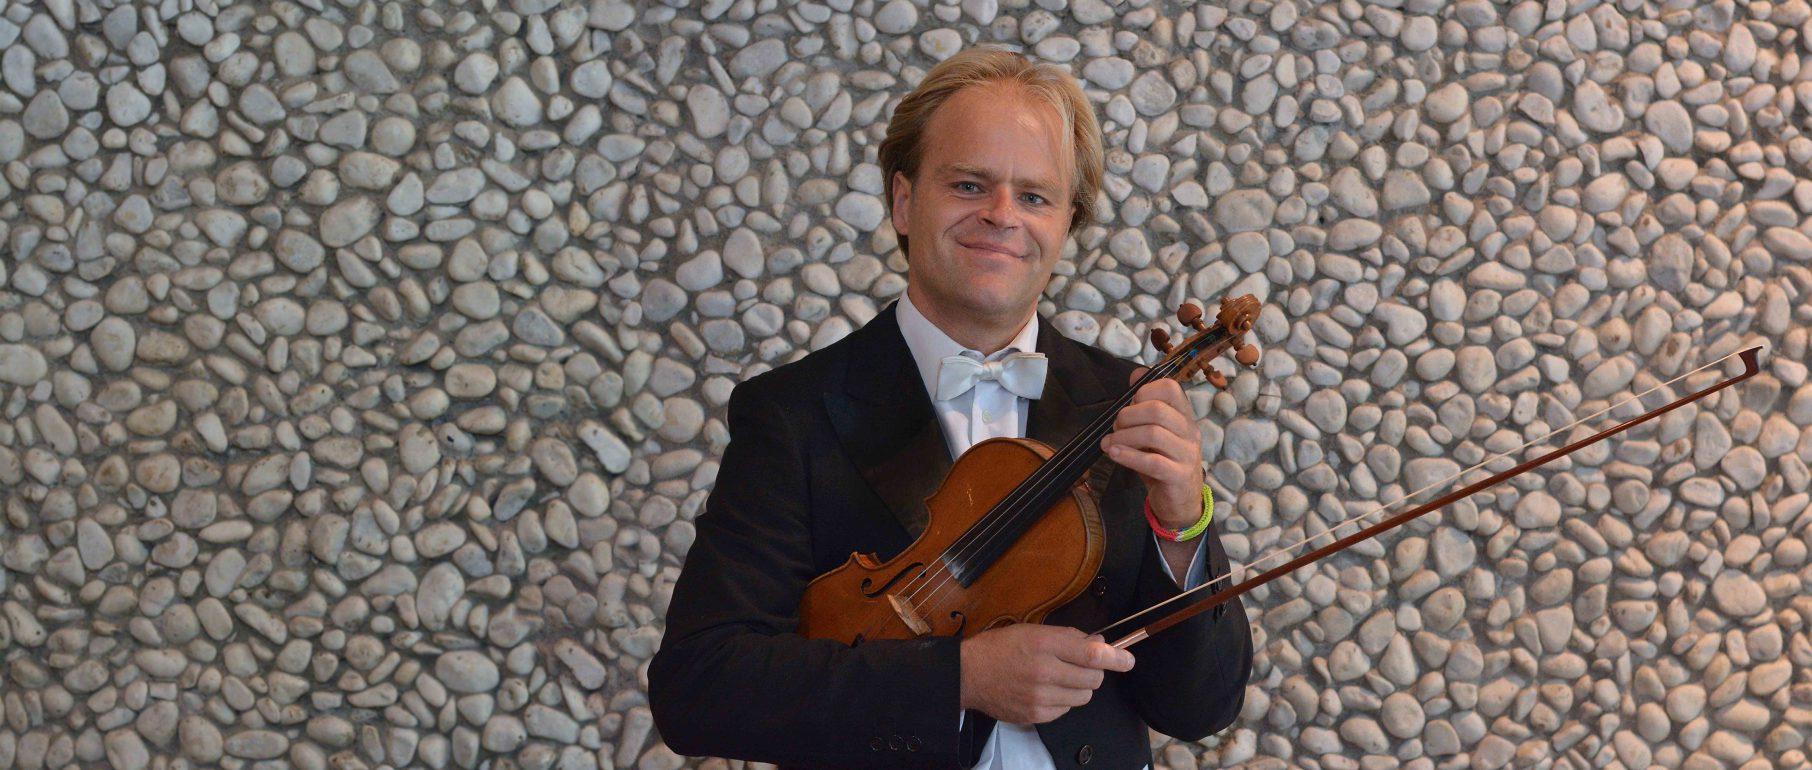 Portrait Friedemann Breuninger, 1. Violine (Konzertmeister)